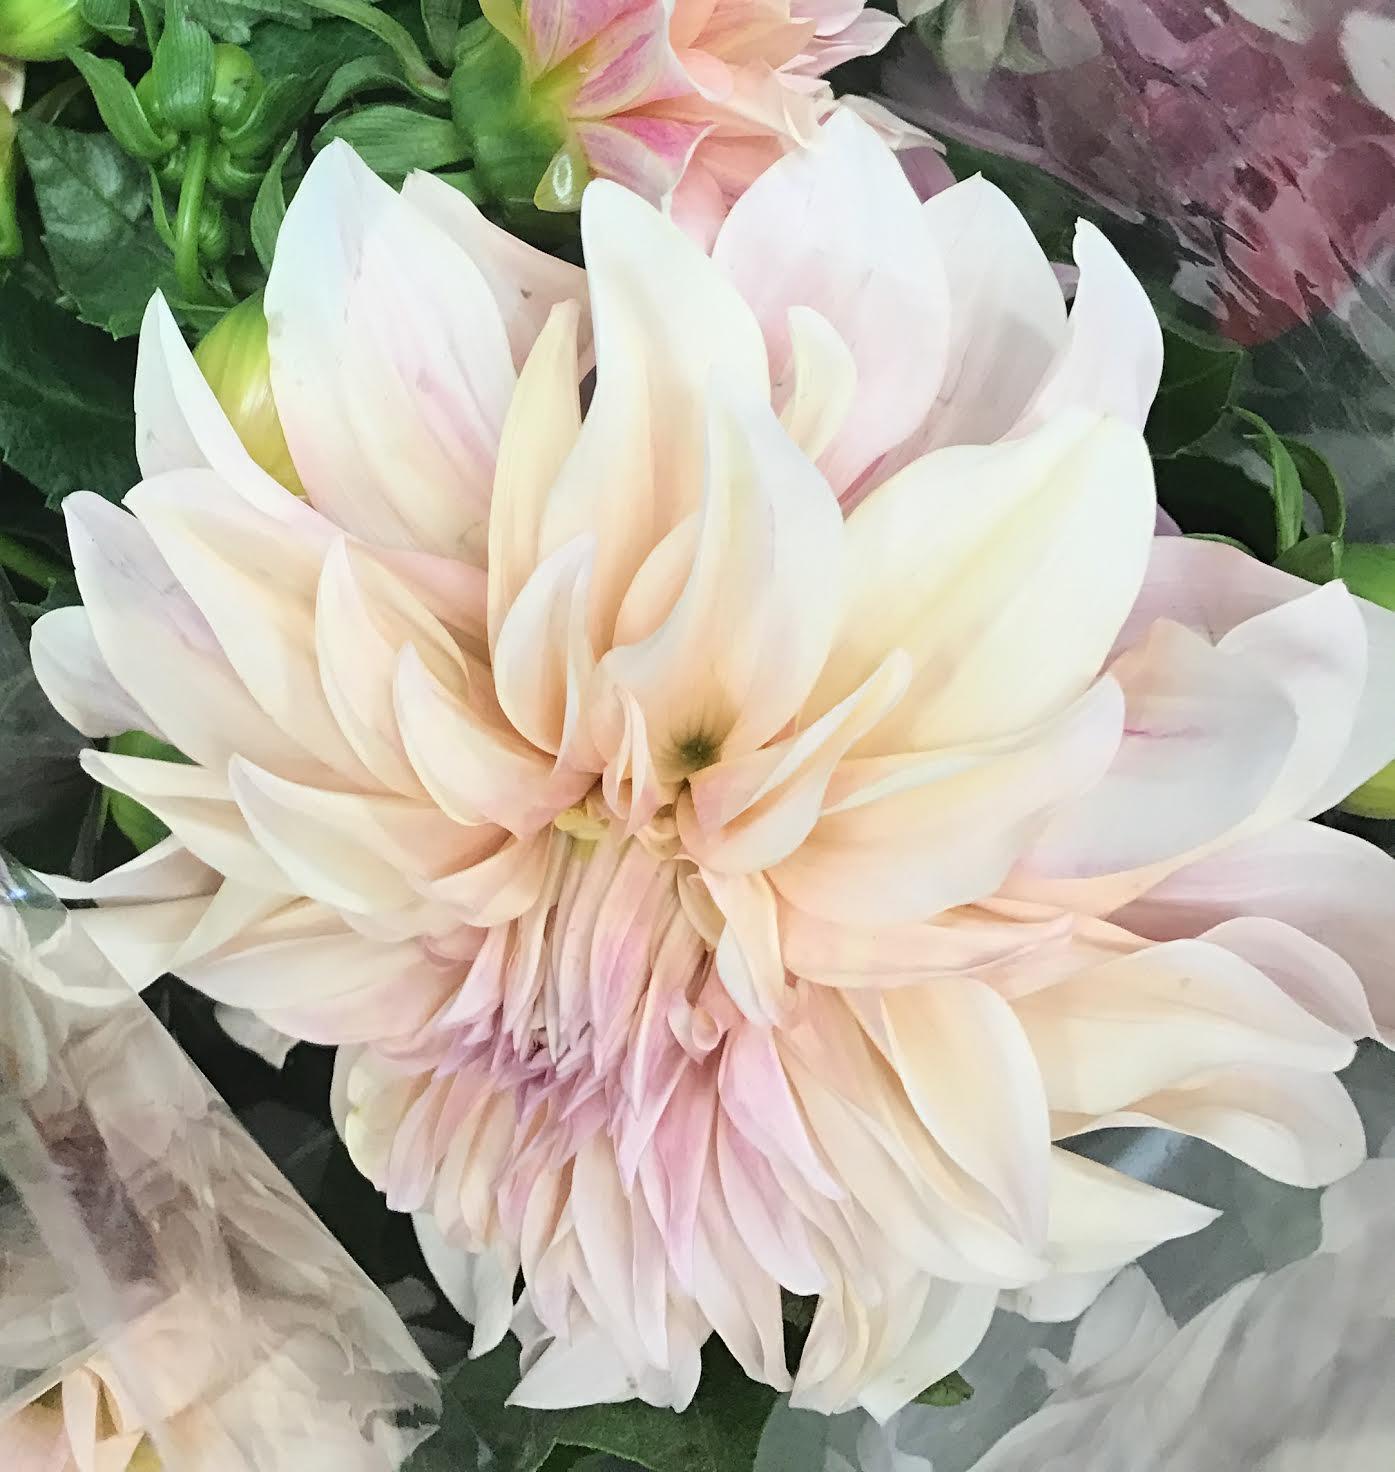 Dahlias utah wholesale flowers wright flower company dahlias izmirmasajfo